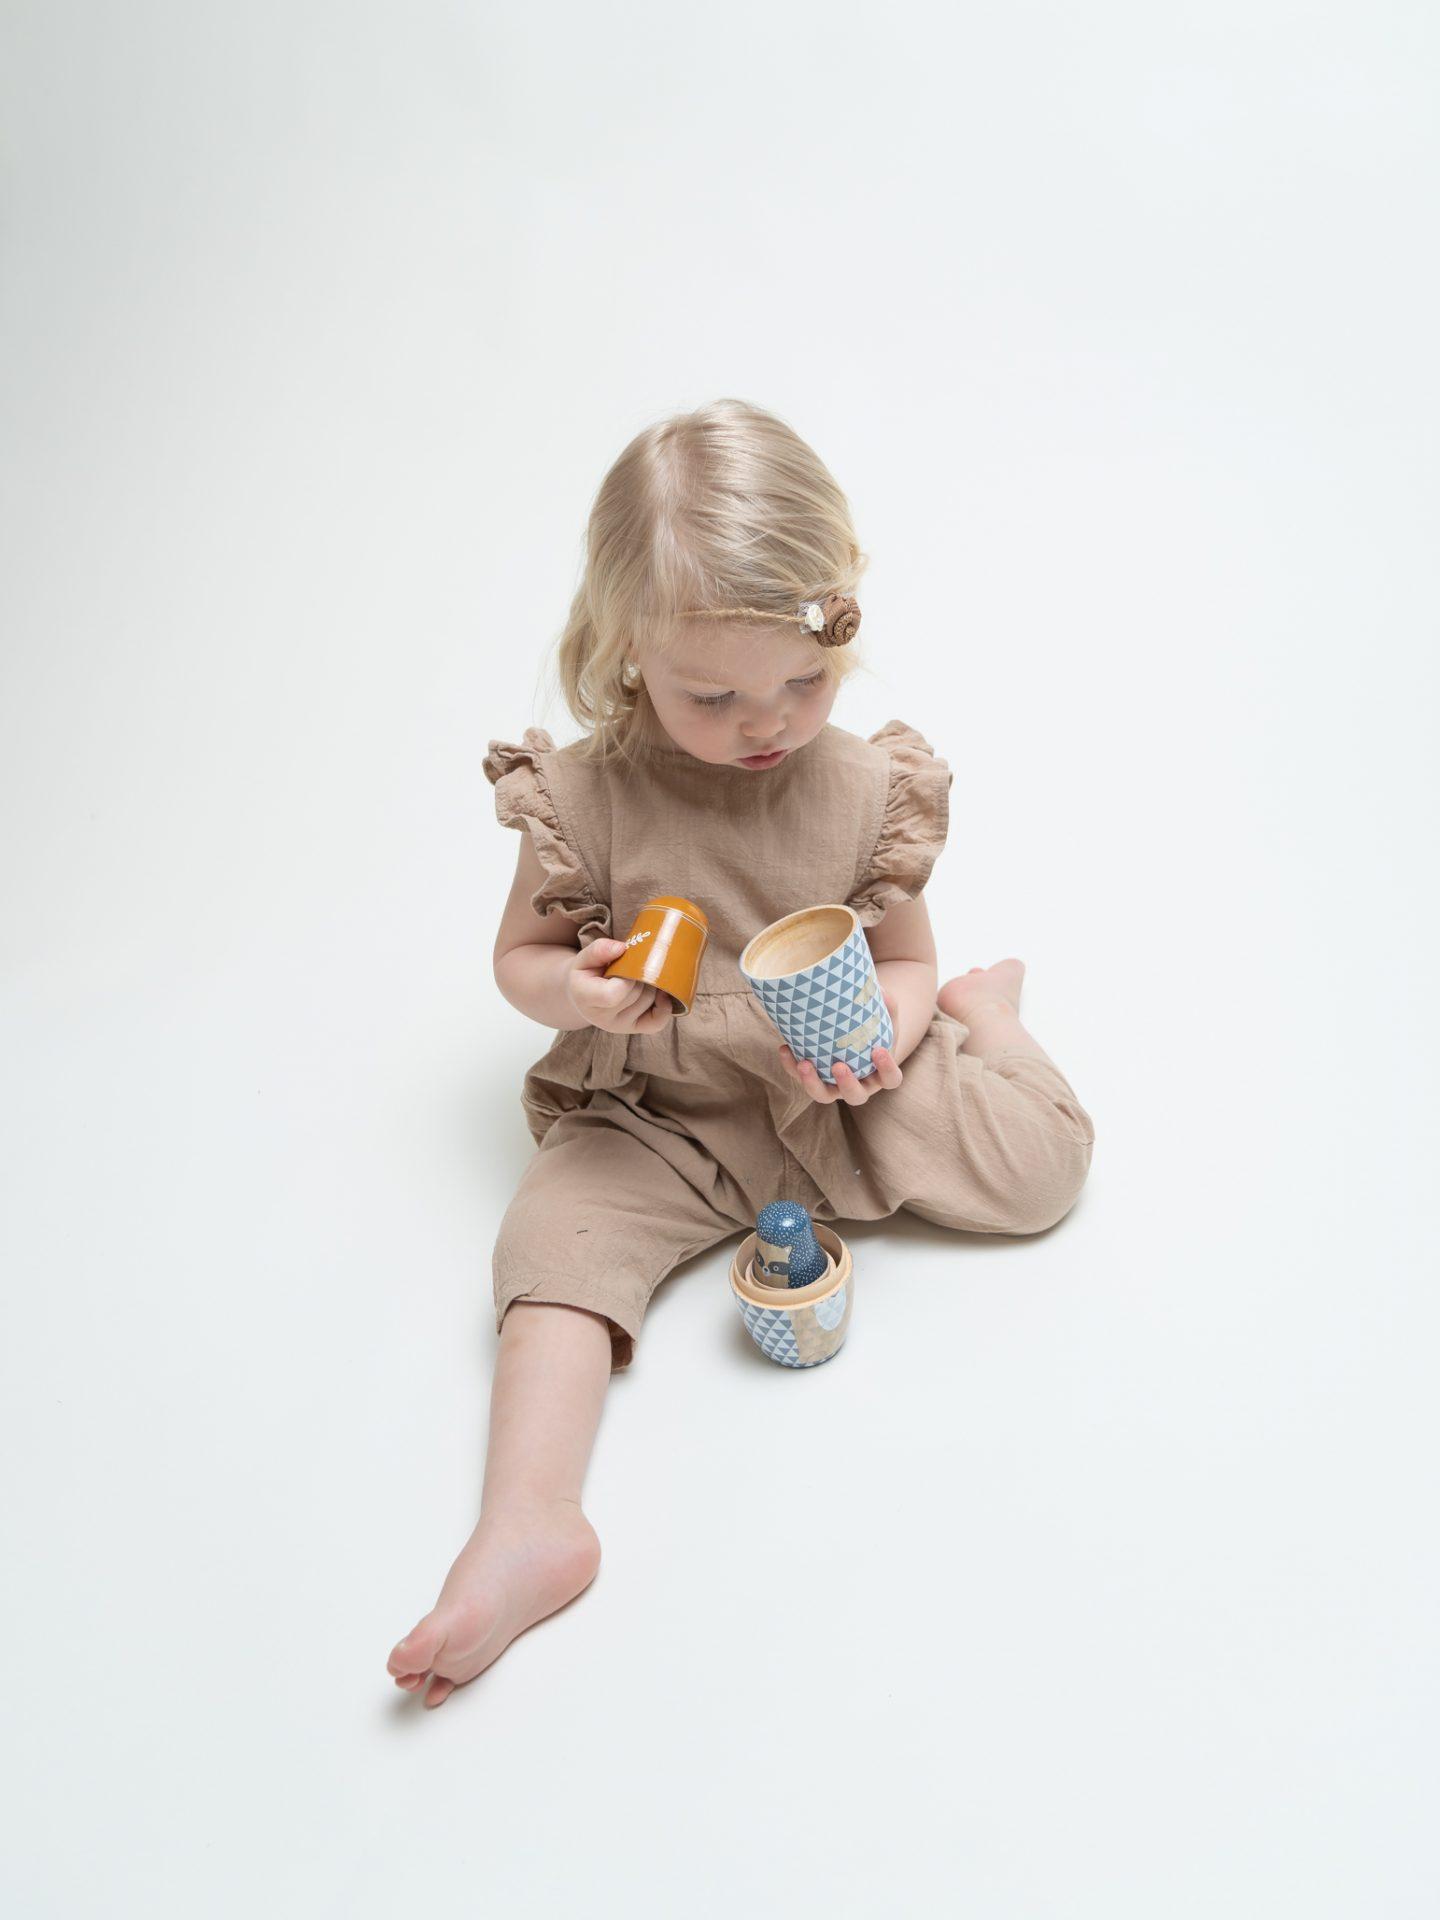 Fotostudio in Borchen spielende Kinder (3)